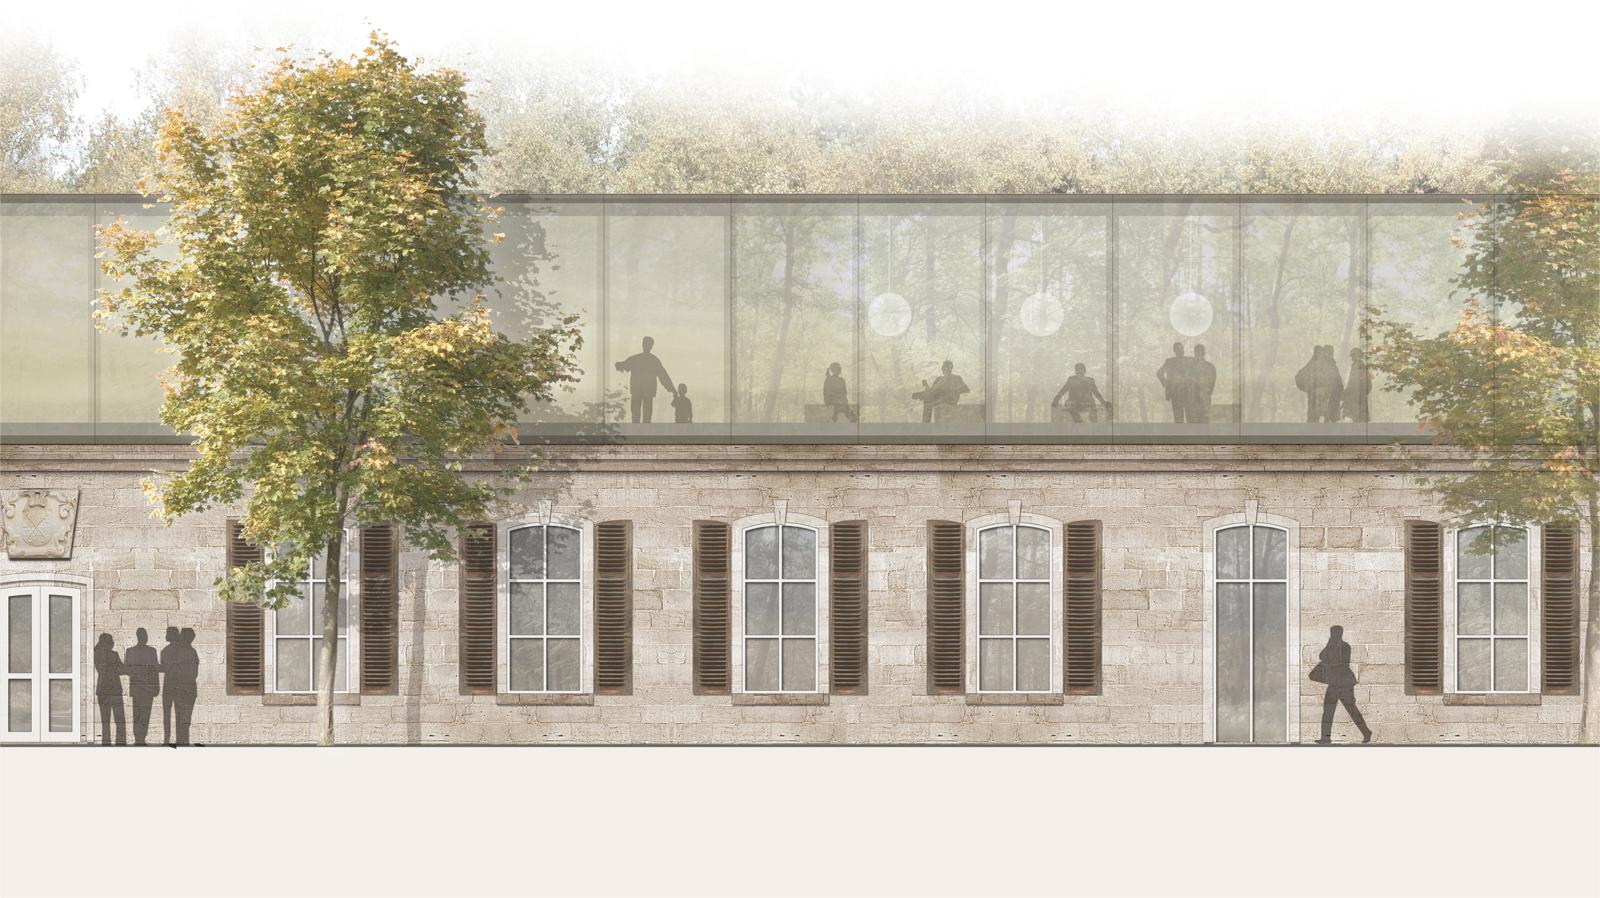 Architekten Bayreuth stadthalle bayreuth h2m architekten ingenieure stadtplaner